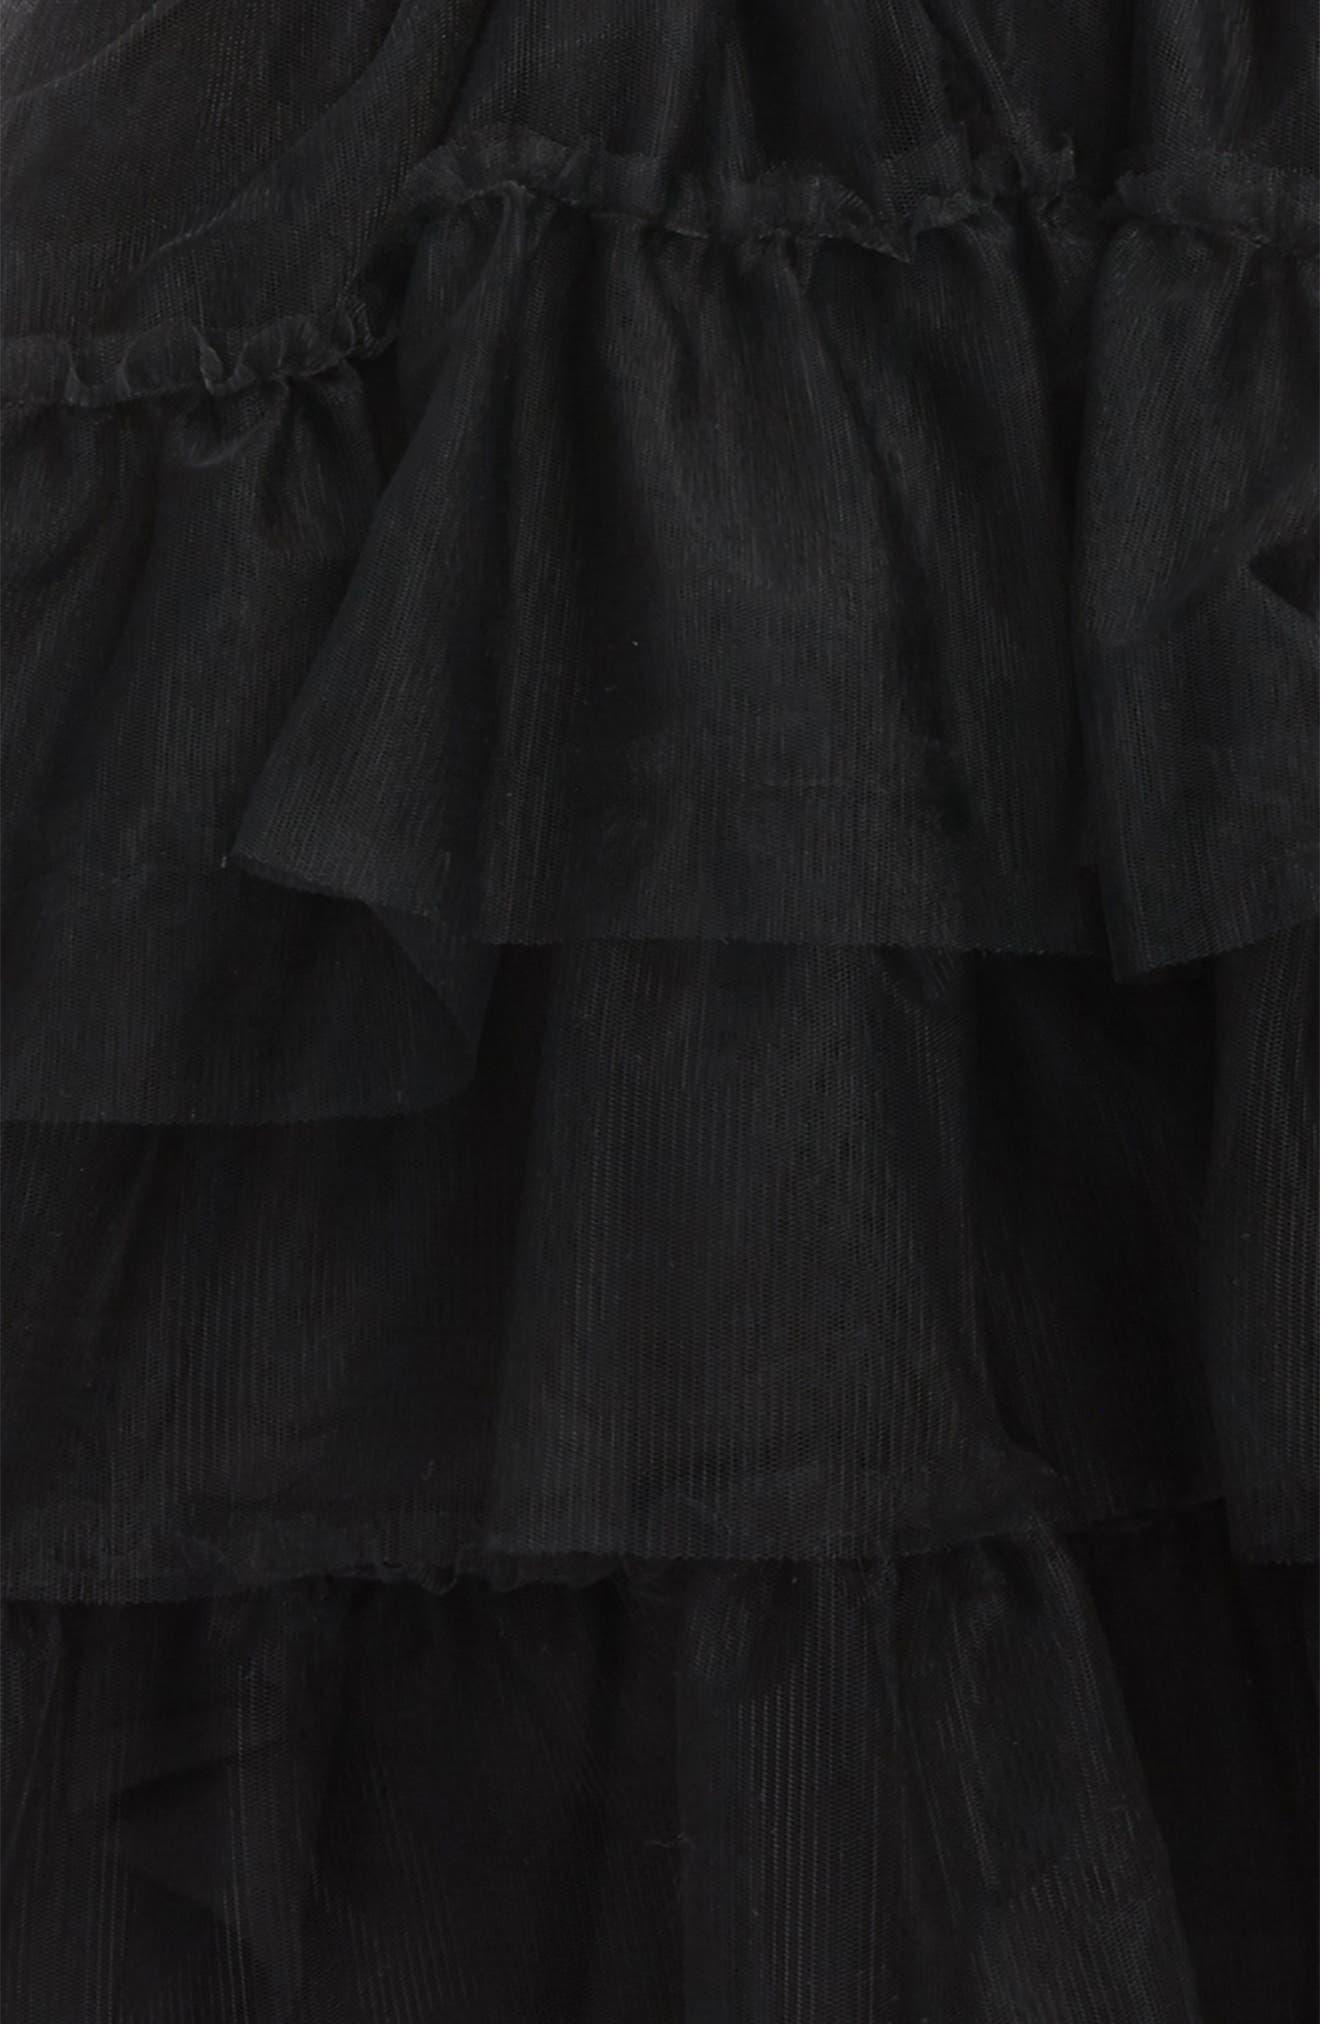 Tulle Skirt,                             Alternate thumbnail 2, color,                             001